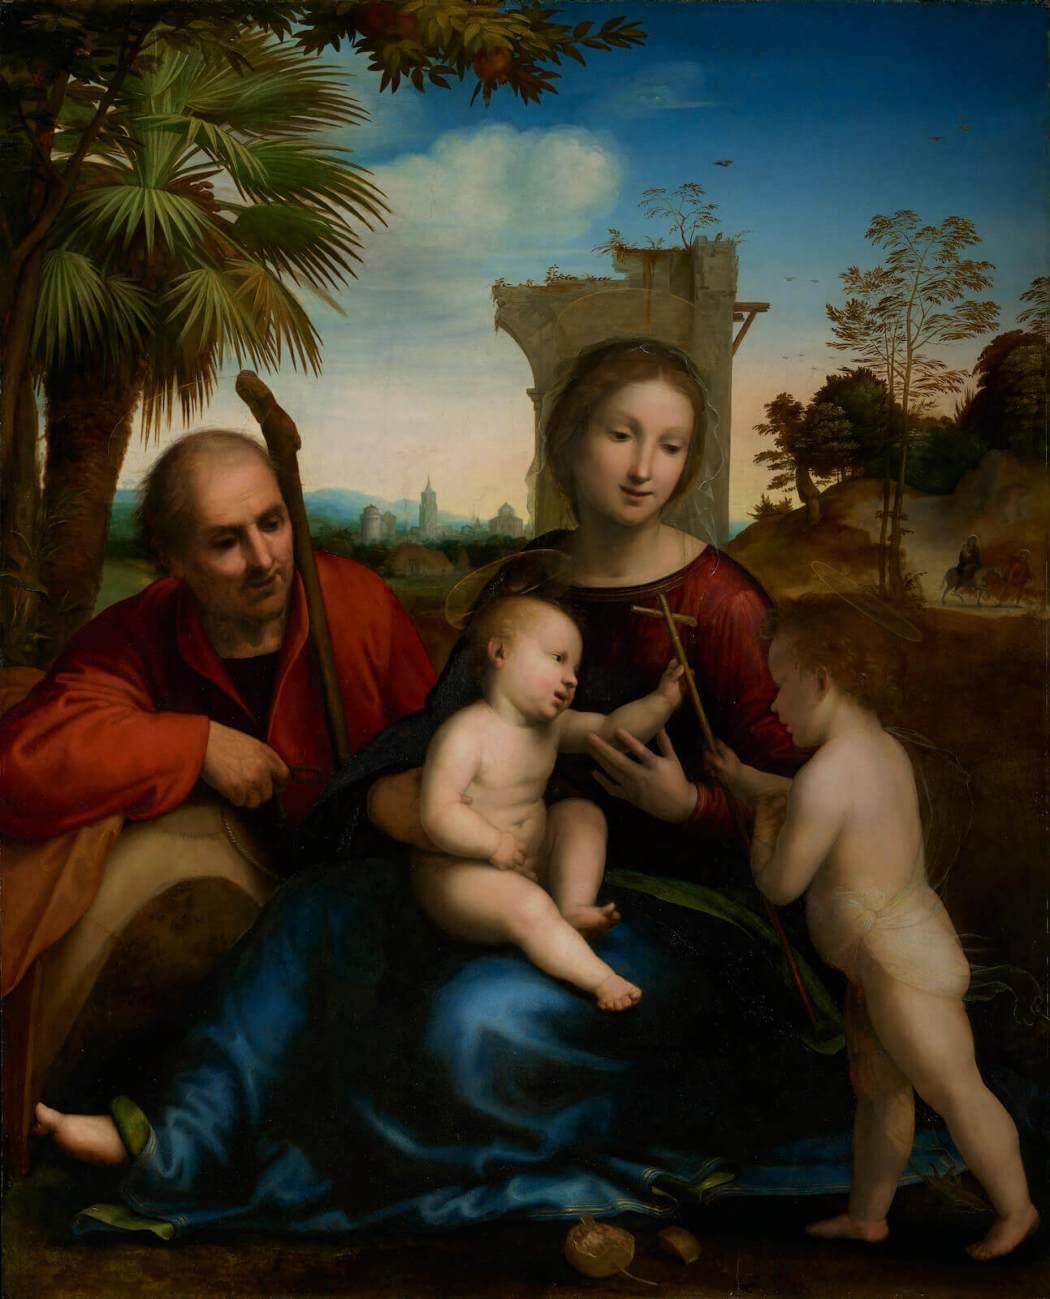 Fra Bartolommeo, Rust op de vlucht naar Egypte met Johannes de Doper, rond 1509, Olieverf op paneel, The J. Paul Getty Museum, Los Angeles